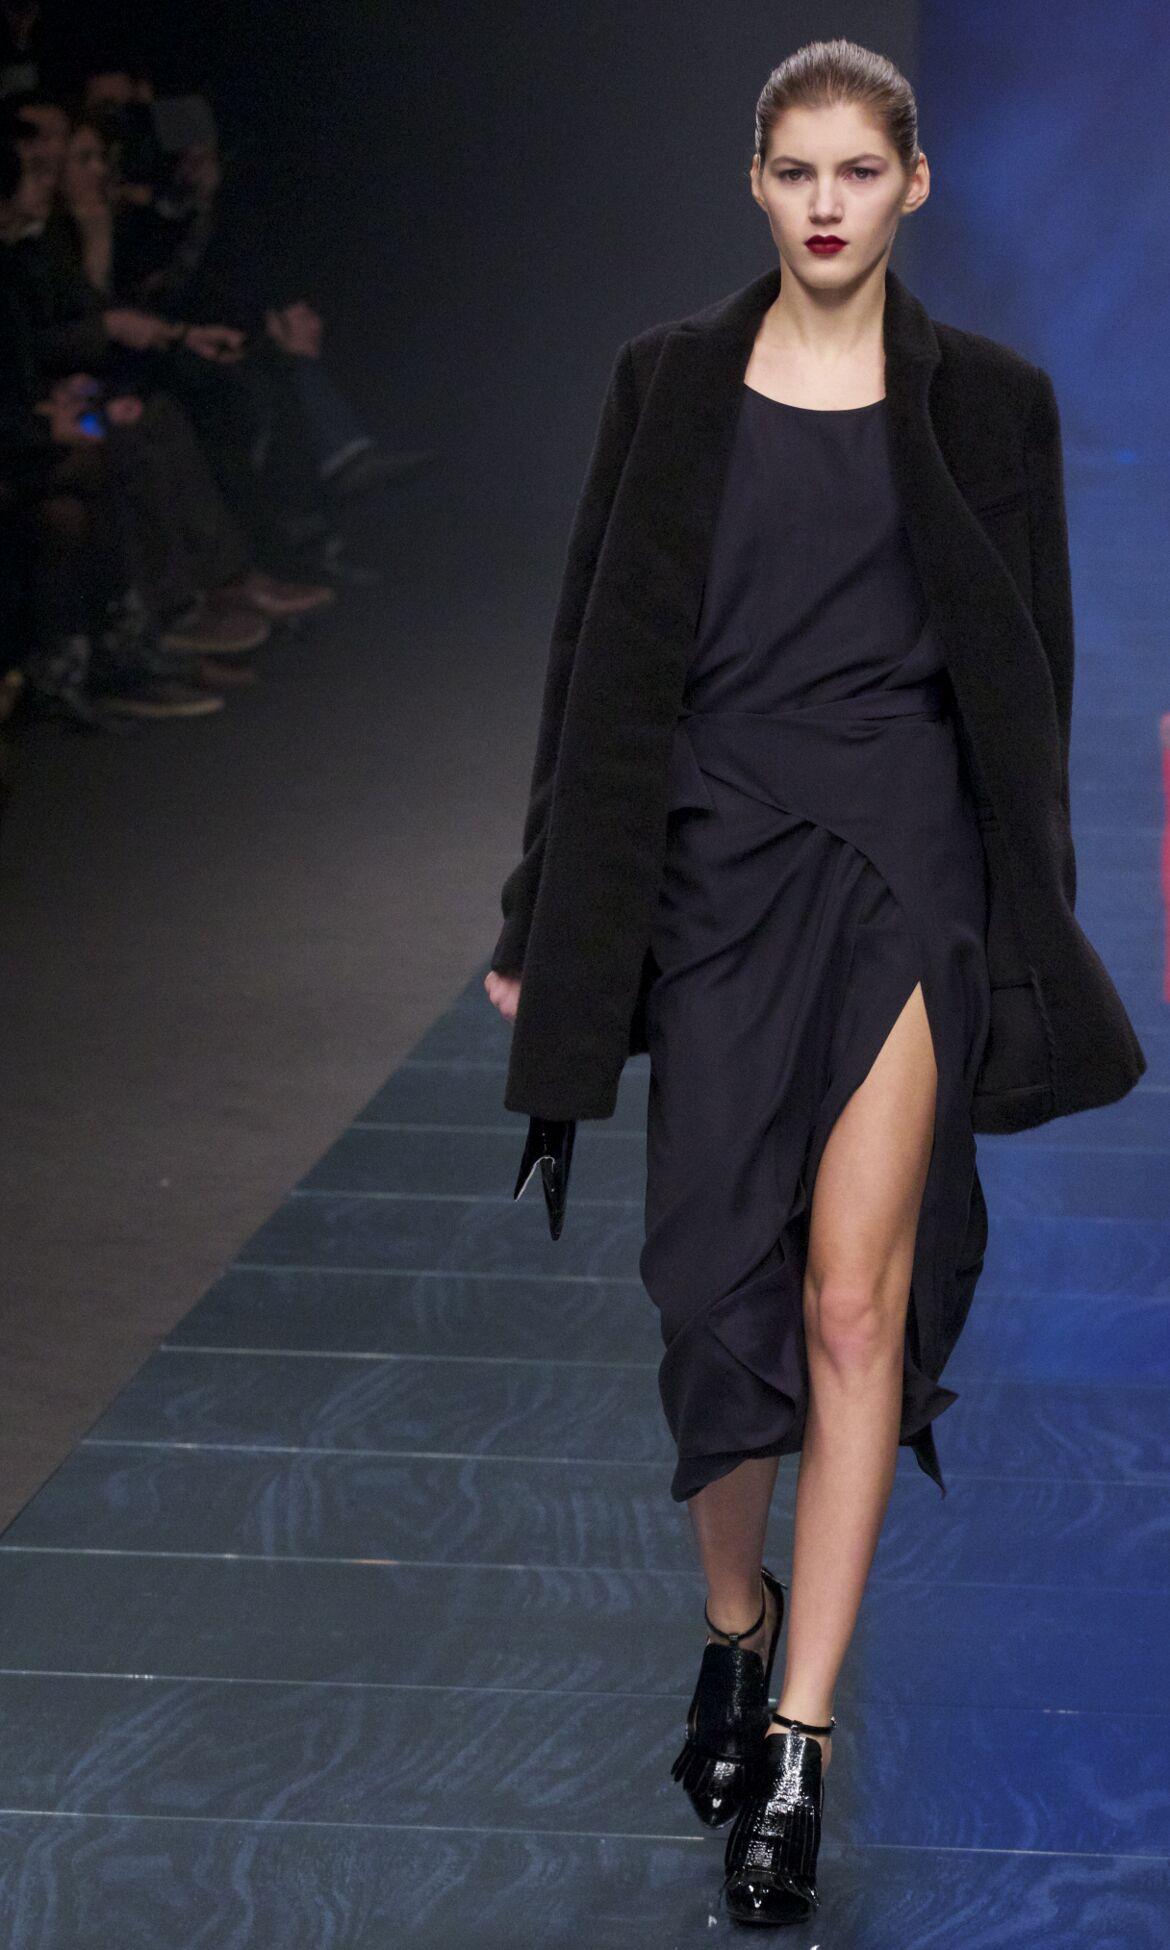 Anteprima Fashion Model